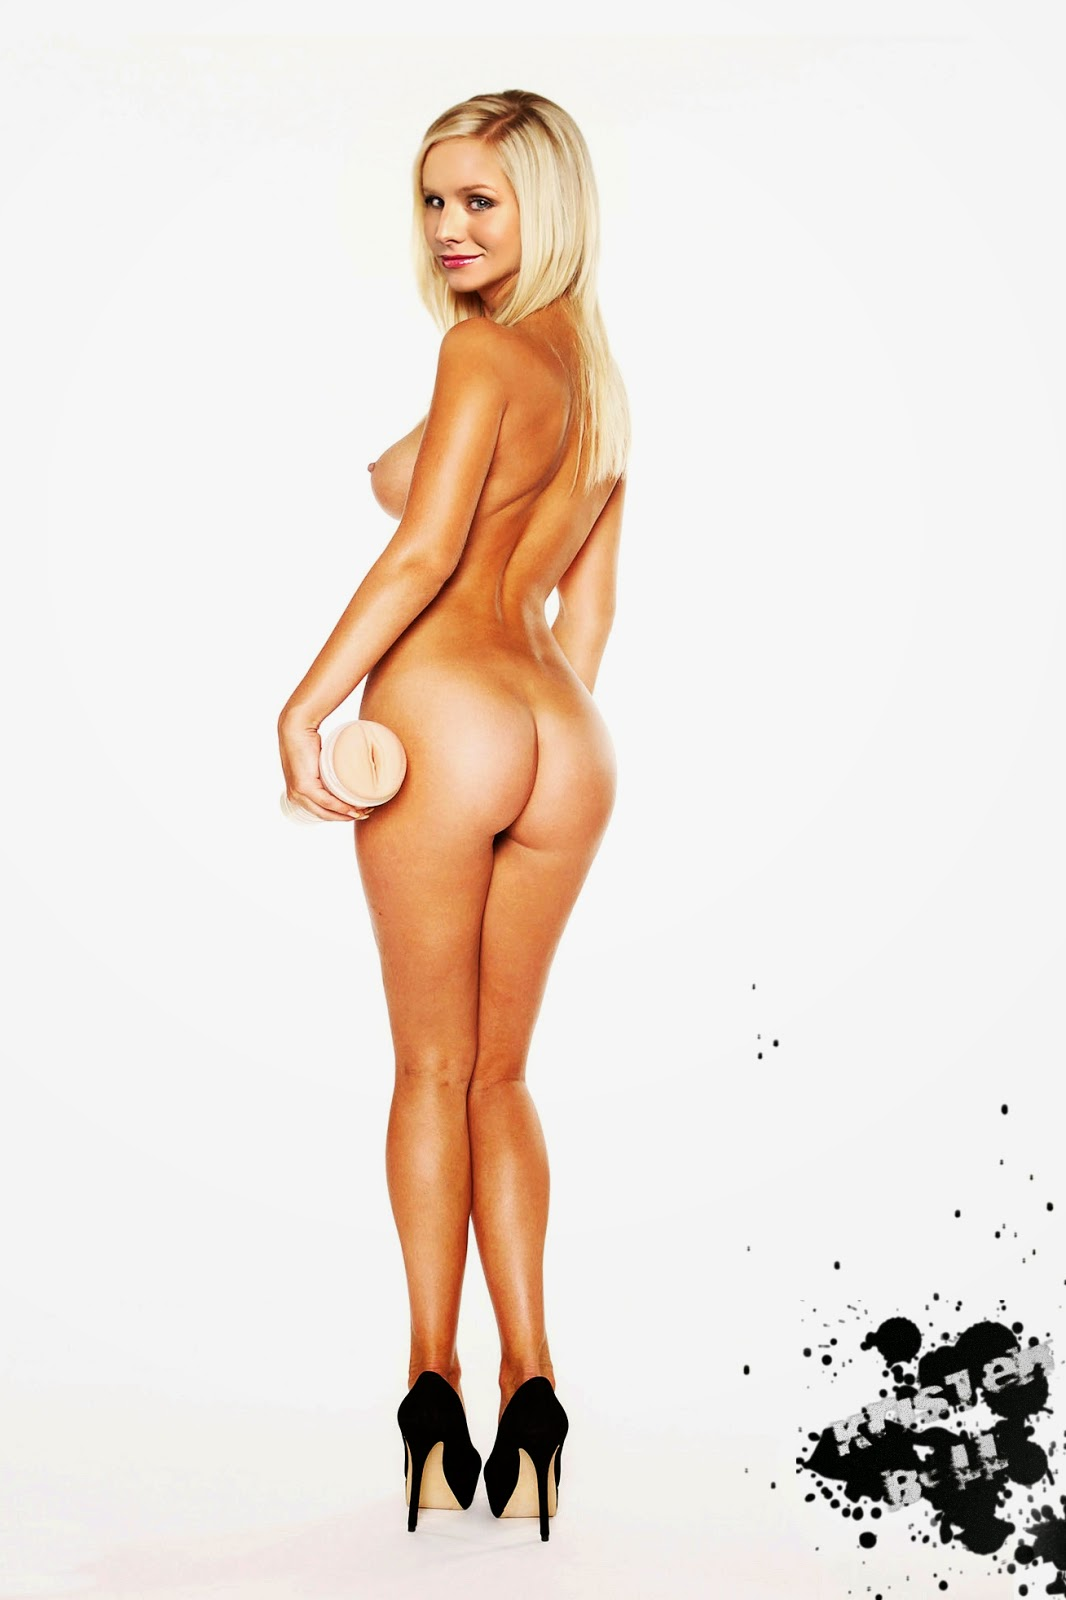 Nackt Bilder : Kristen Bell Naked Photos   nackter arsch.com